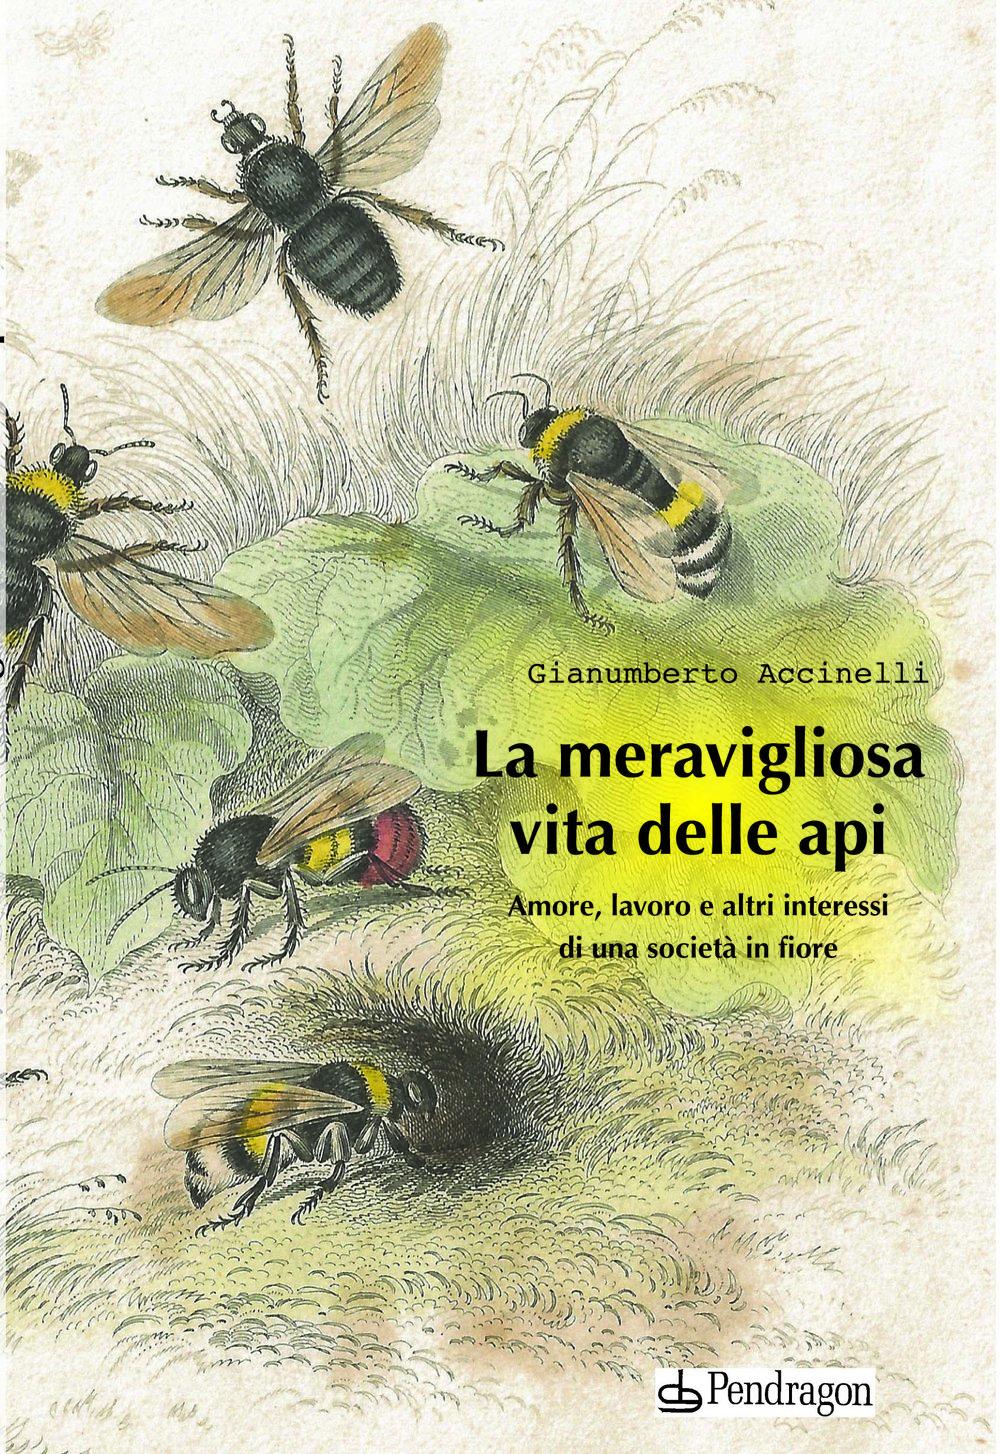 Cover-libro-Accinelli (1).jpg